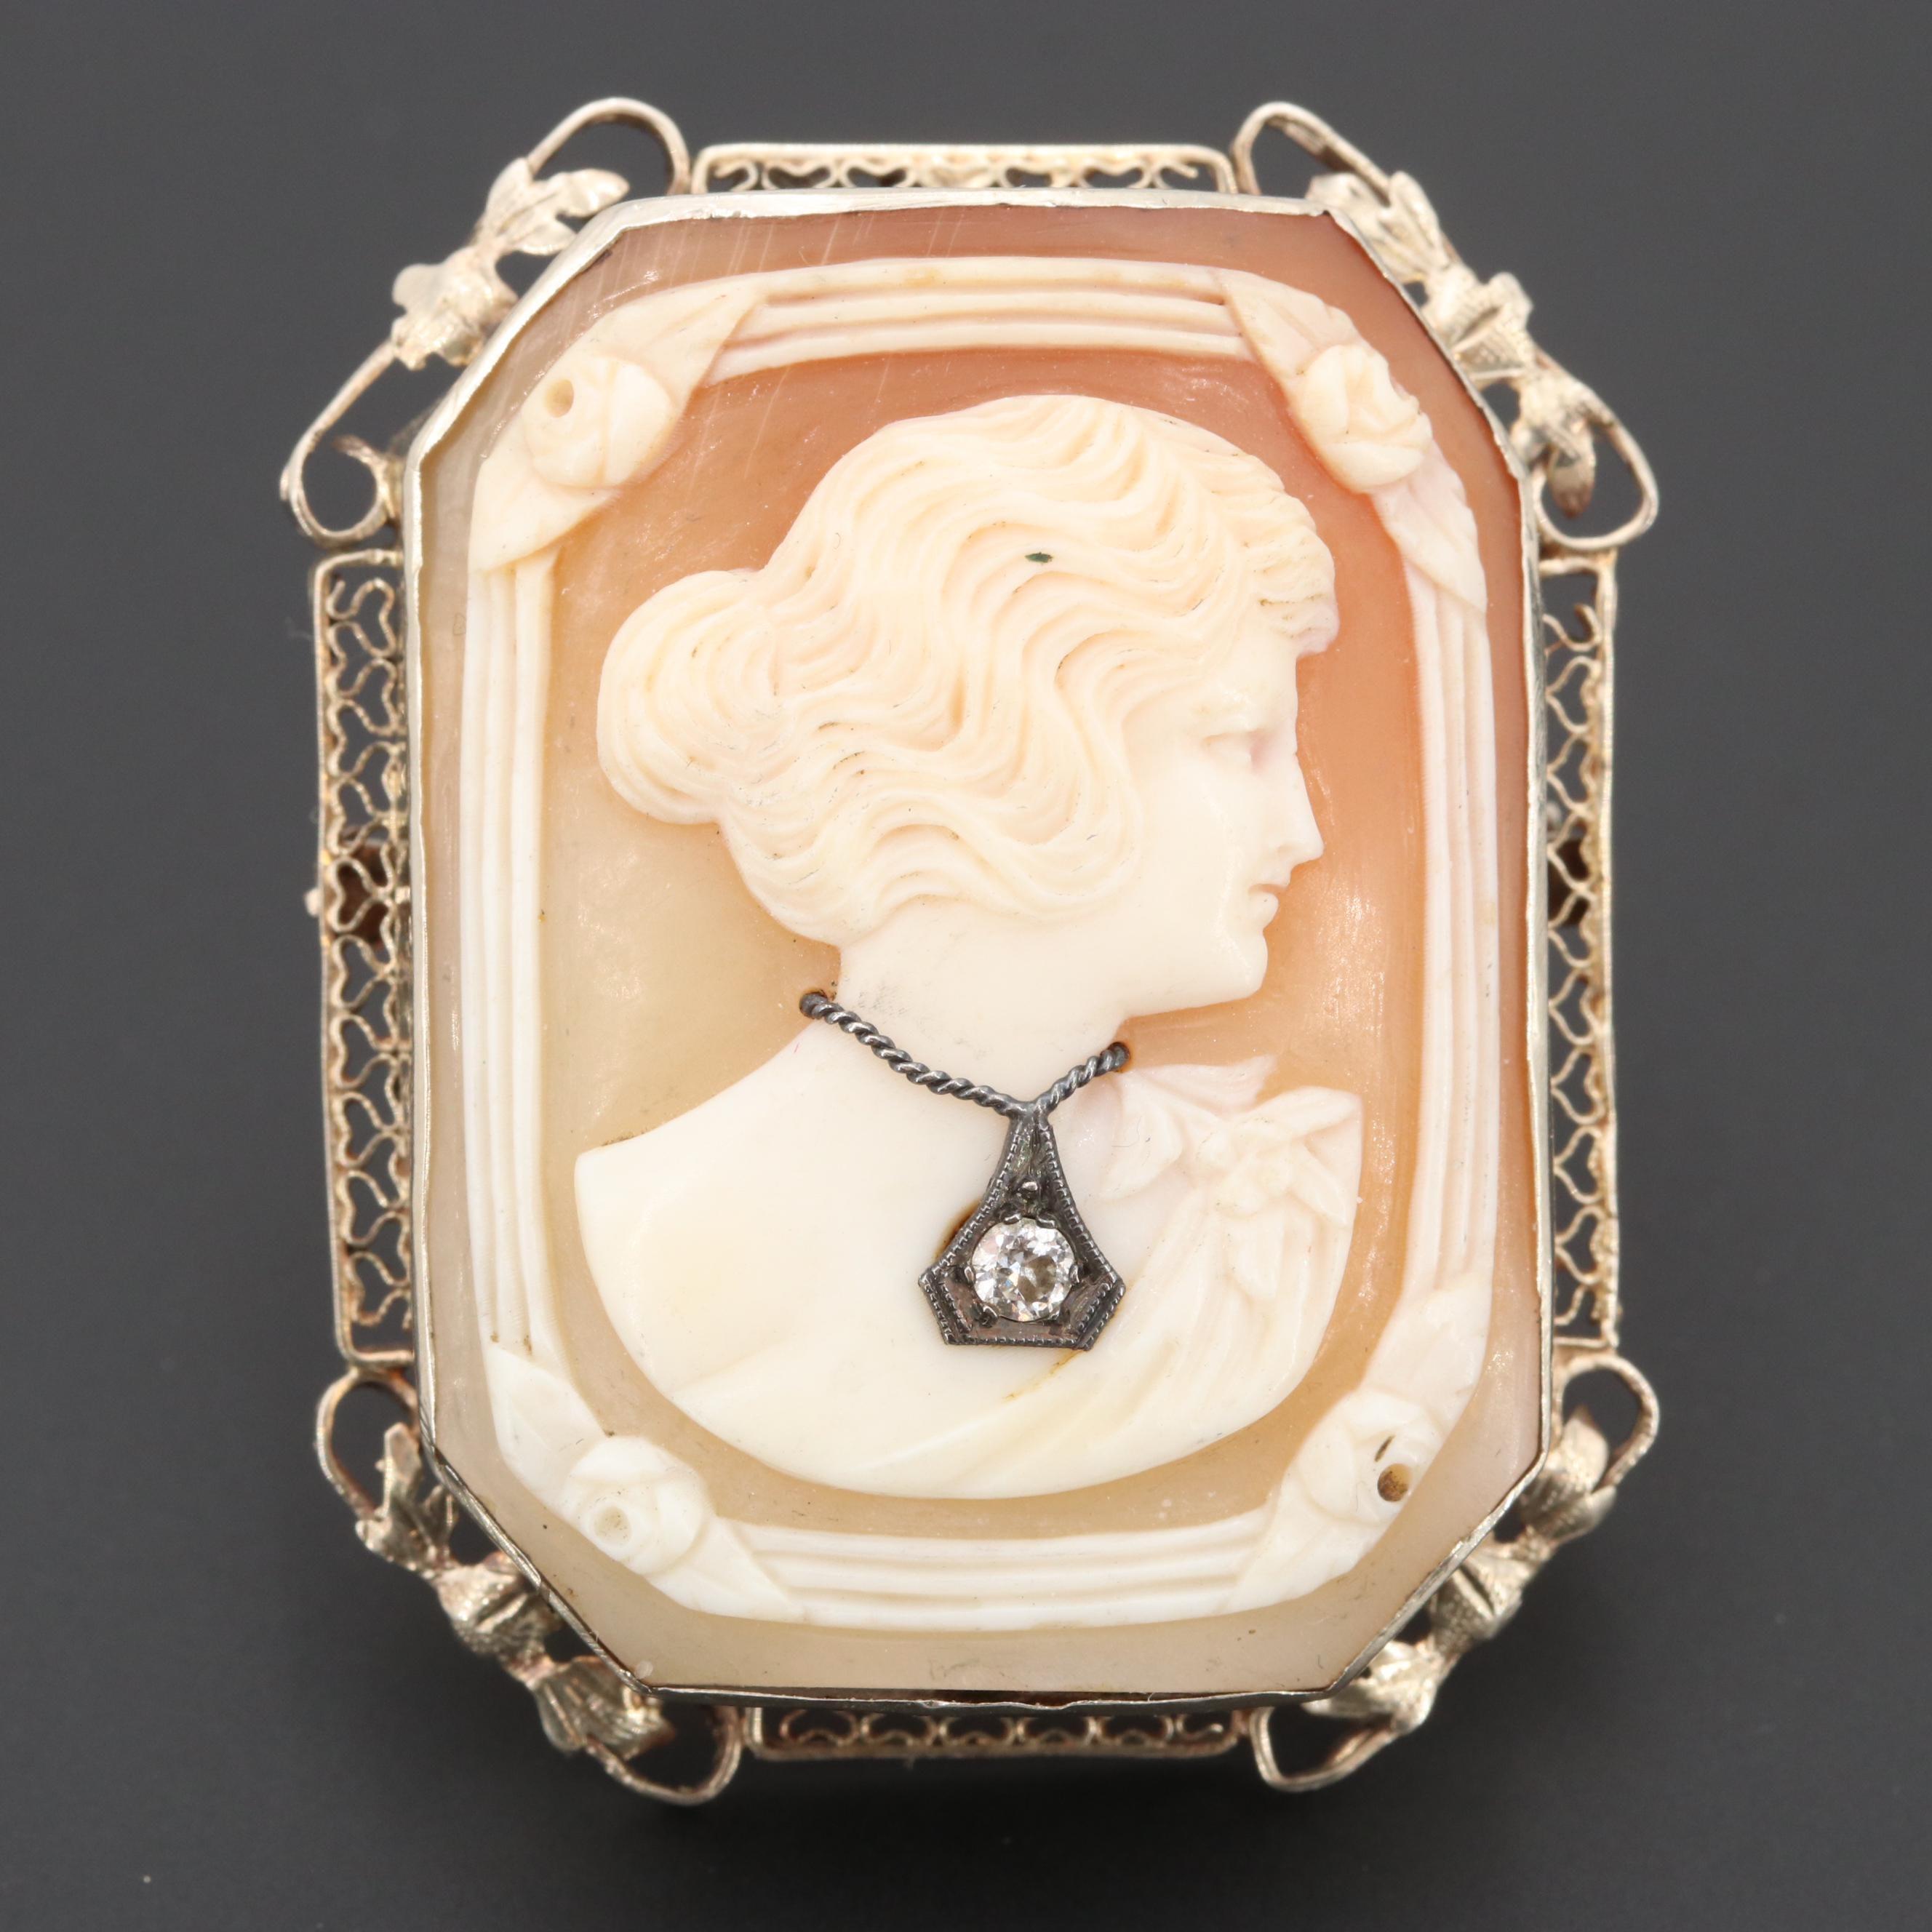 Circa 1930s 14K Gold Diamond and Helmet Shell Habillé Cameo Converter Brooch